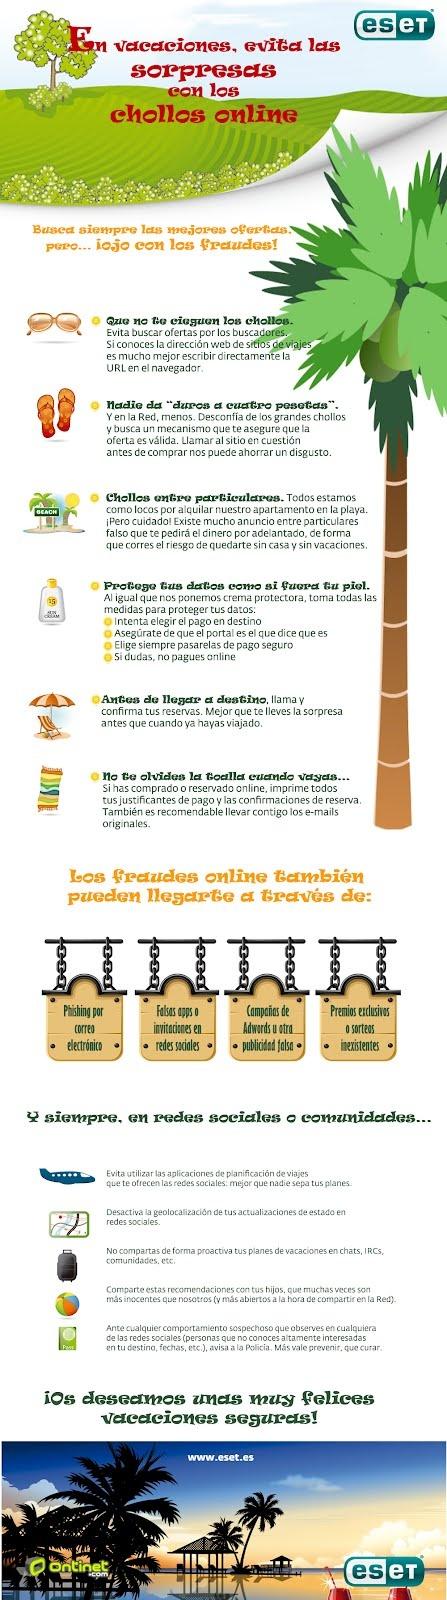 Ten cuidado con los chollos online para tus vacaciones